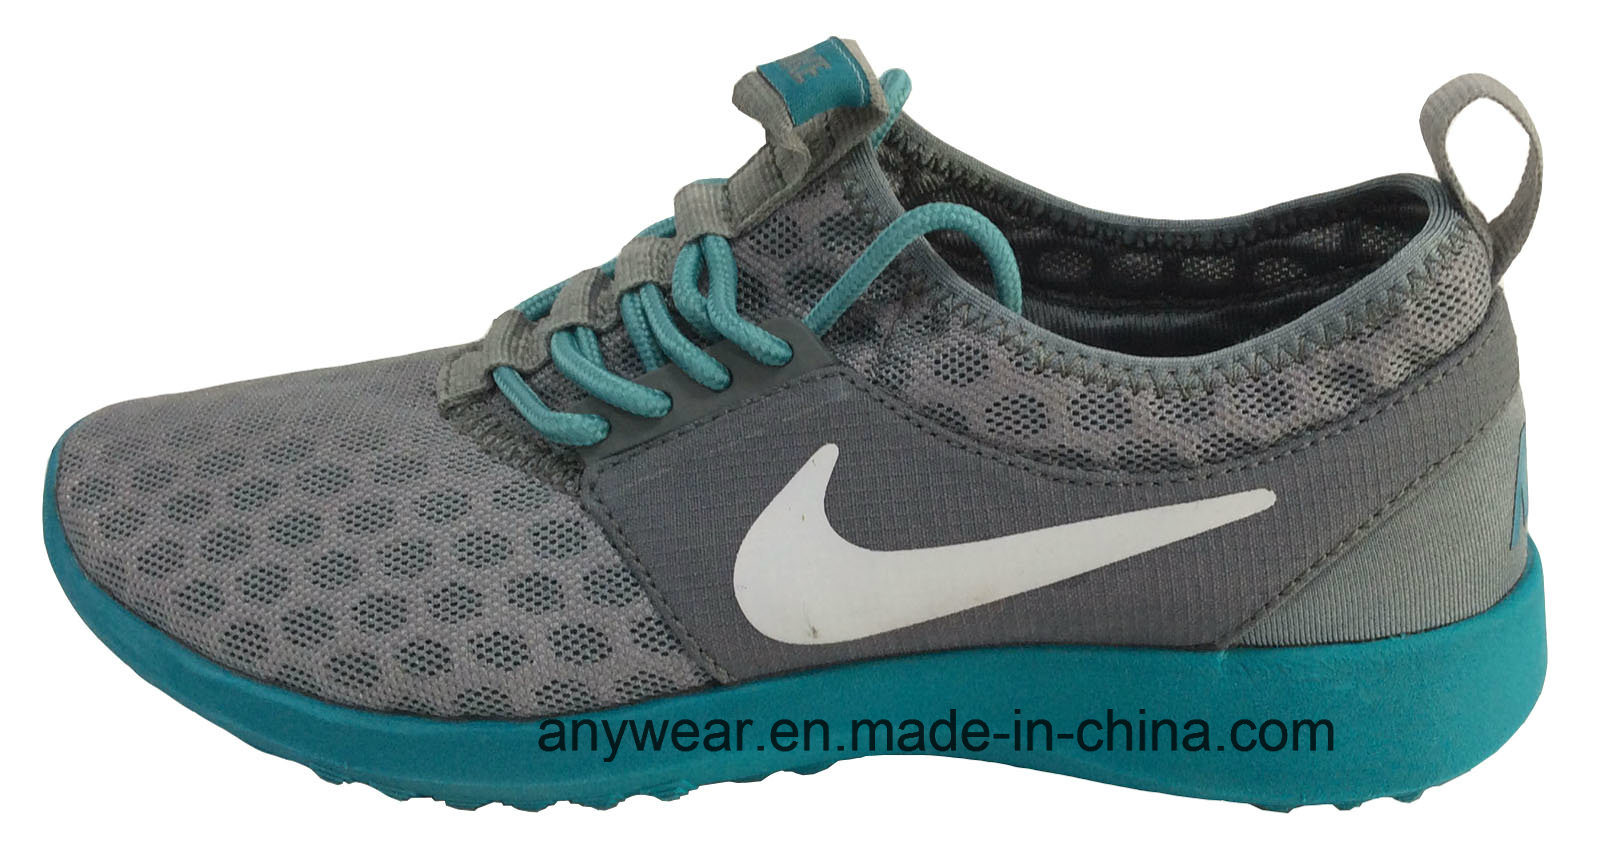 Leisure Women Casual Footwear Walking Comfrt Shoes (W-16738)